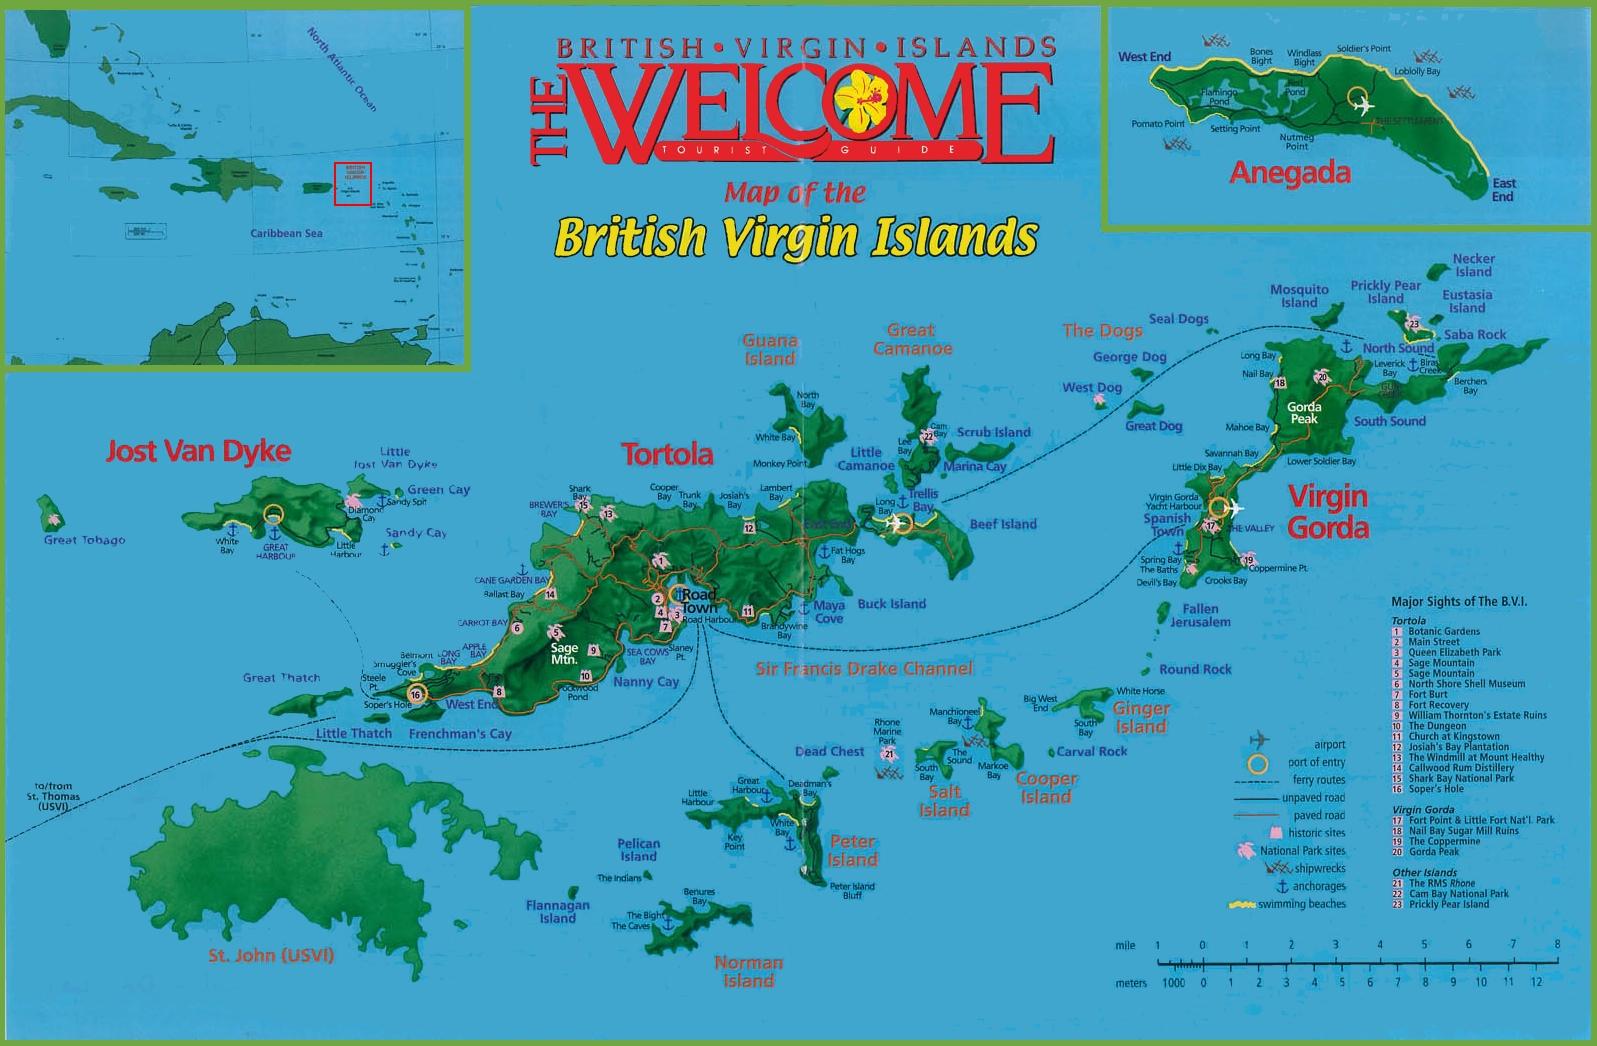 British Virgin Islands sightseeings map